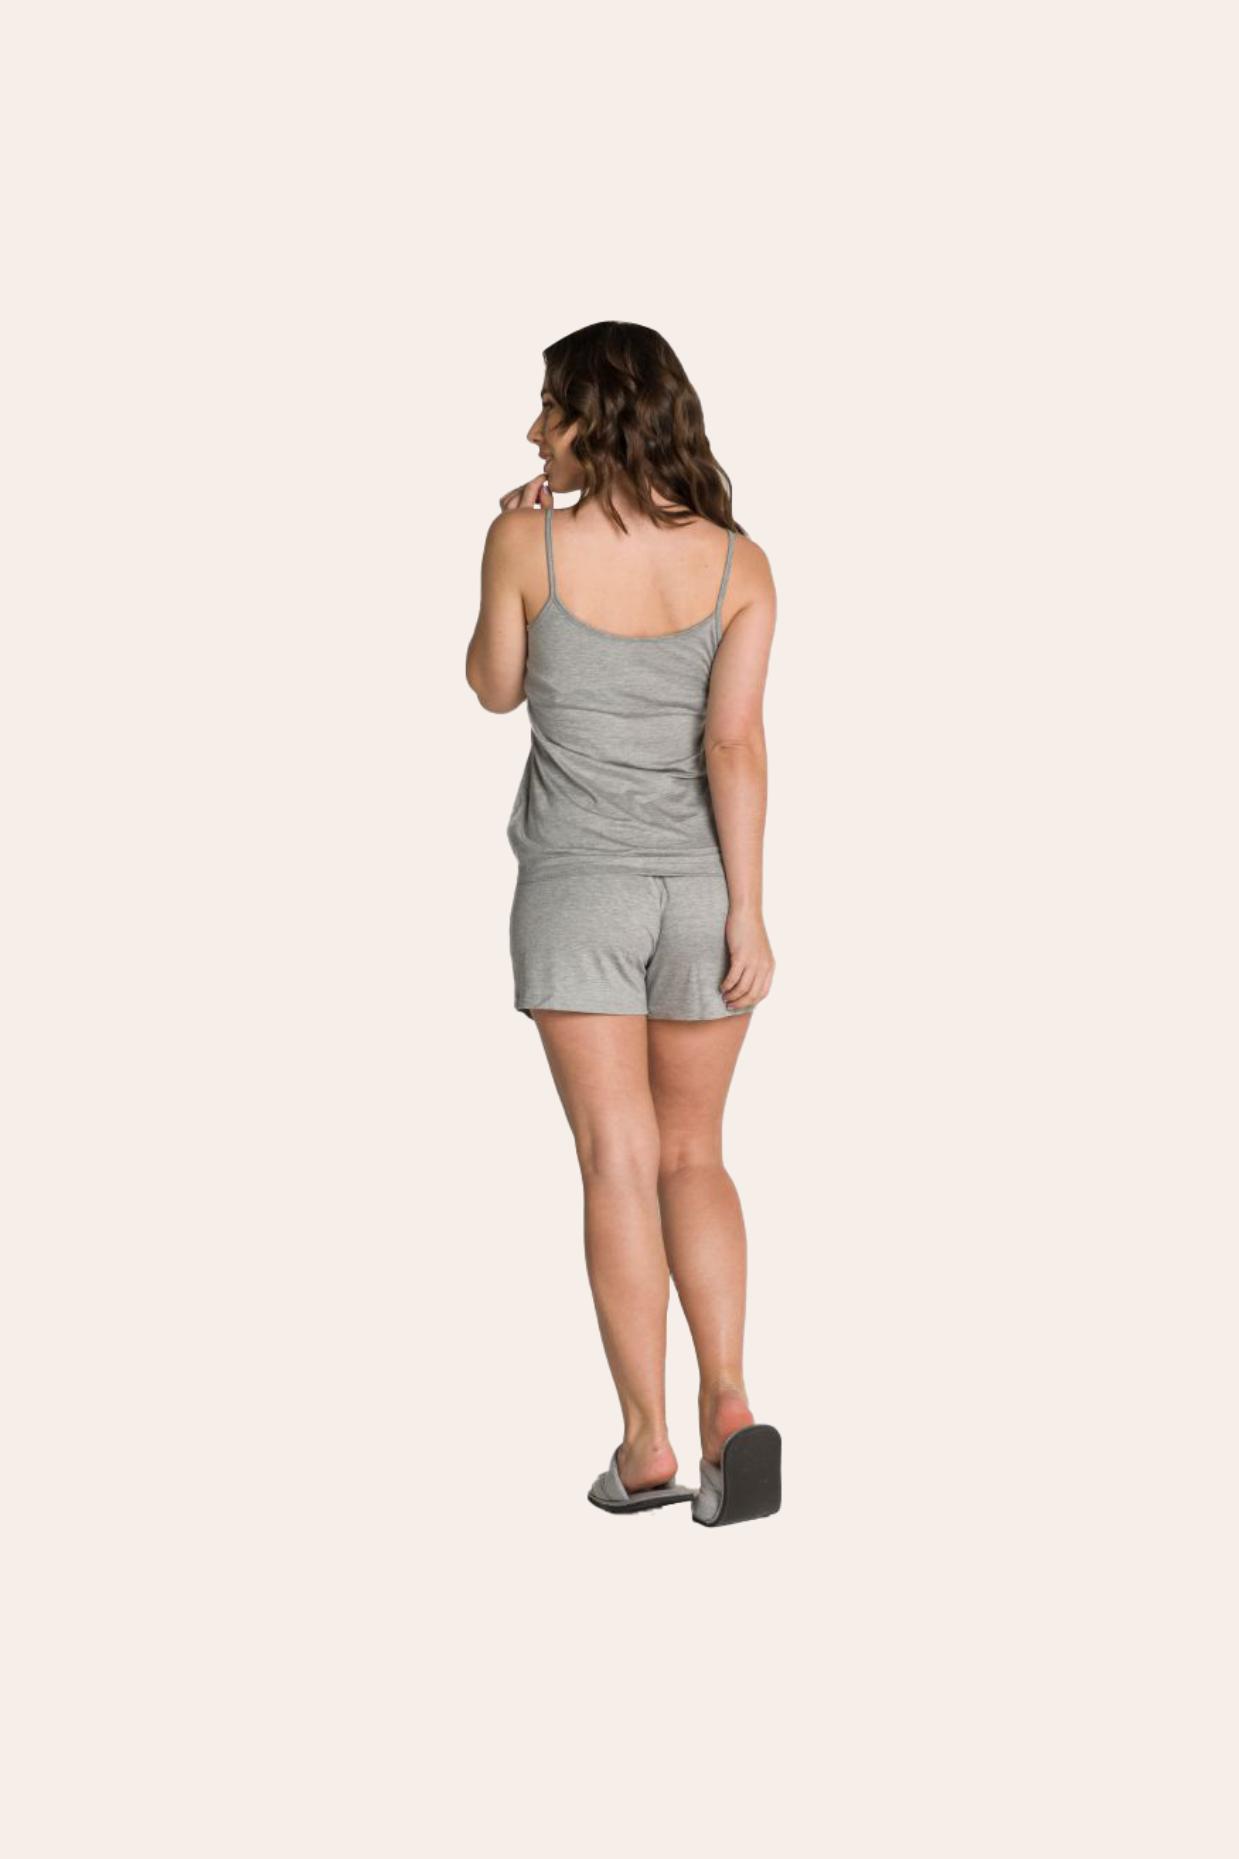 110/A - Pijama Adulto Feminino Canelado com Botões Decorativos